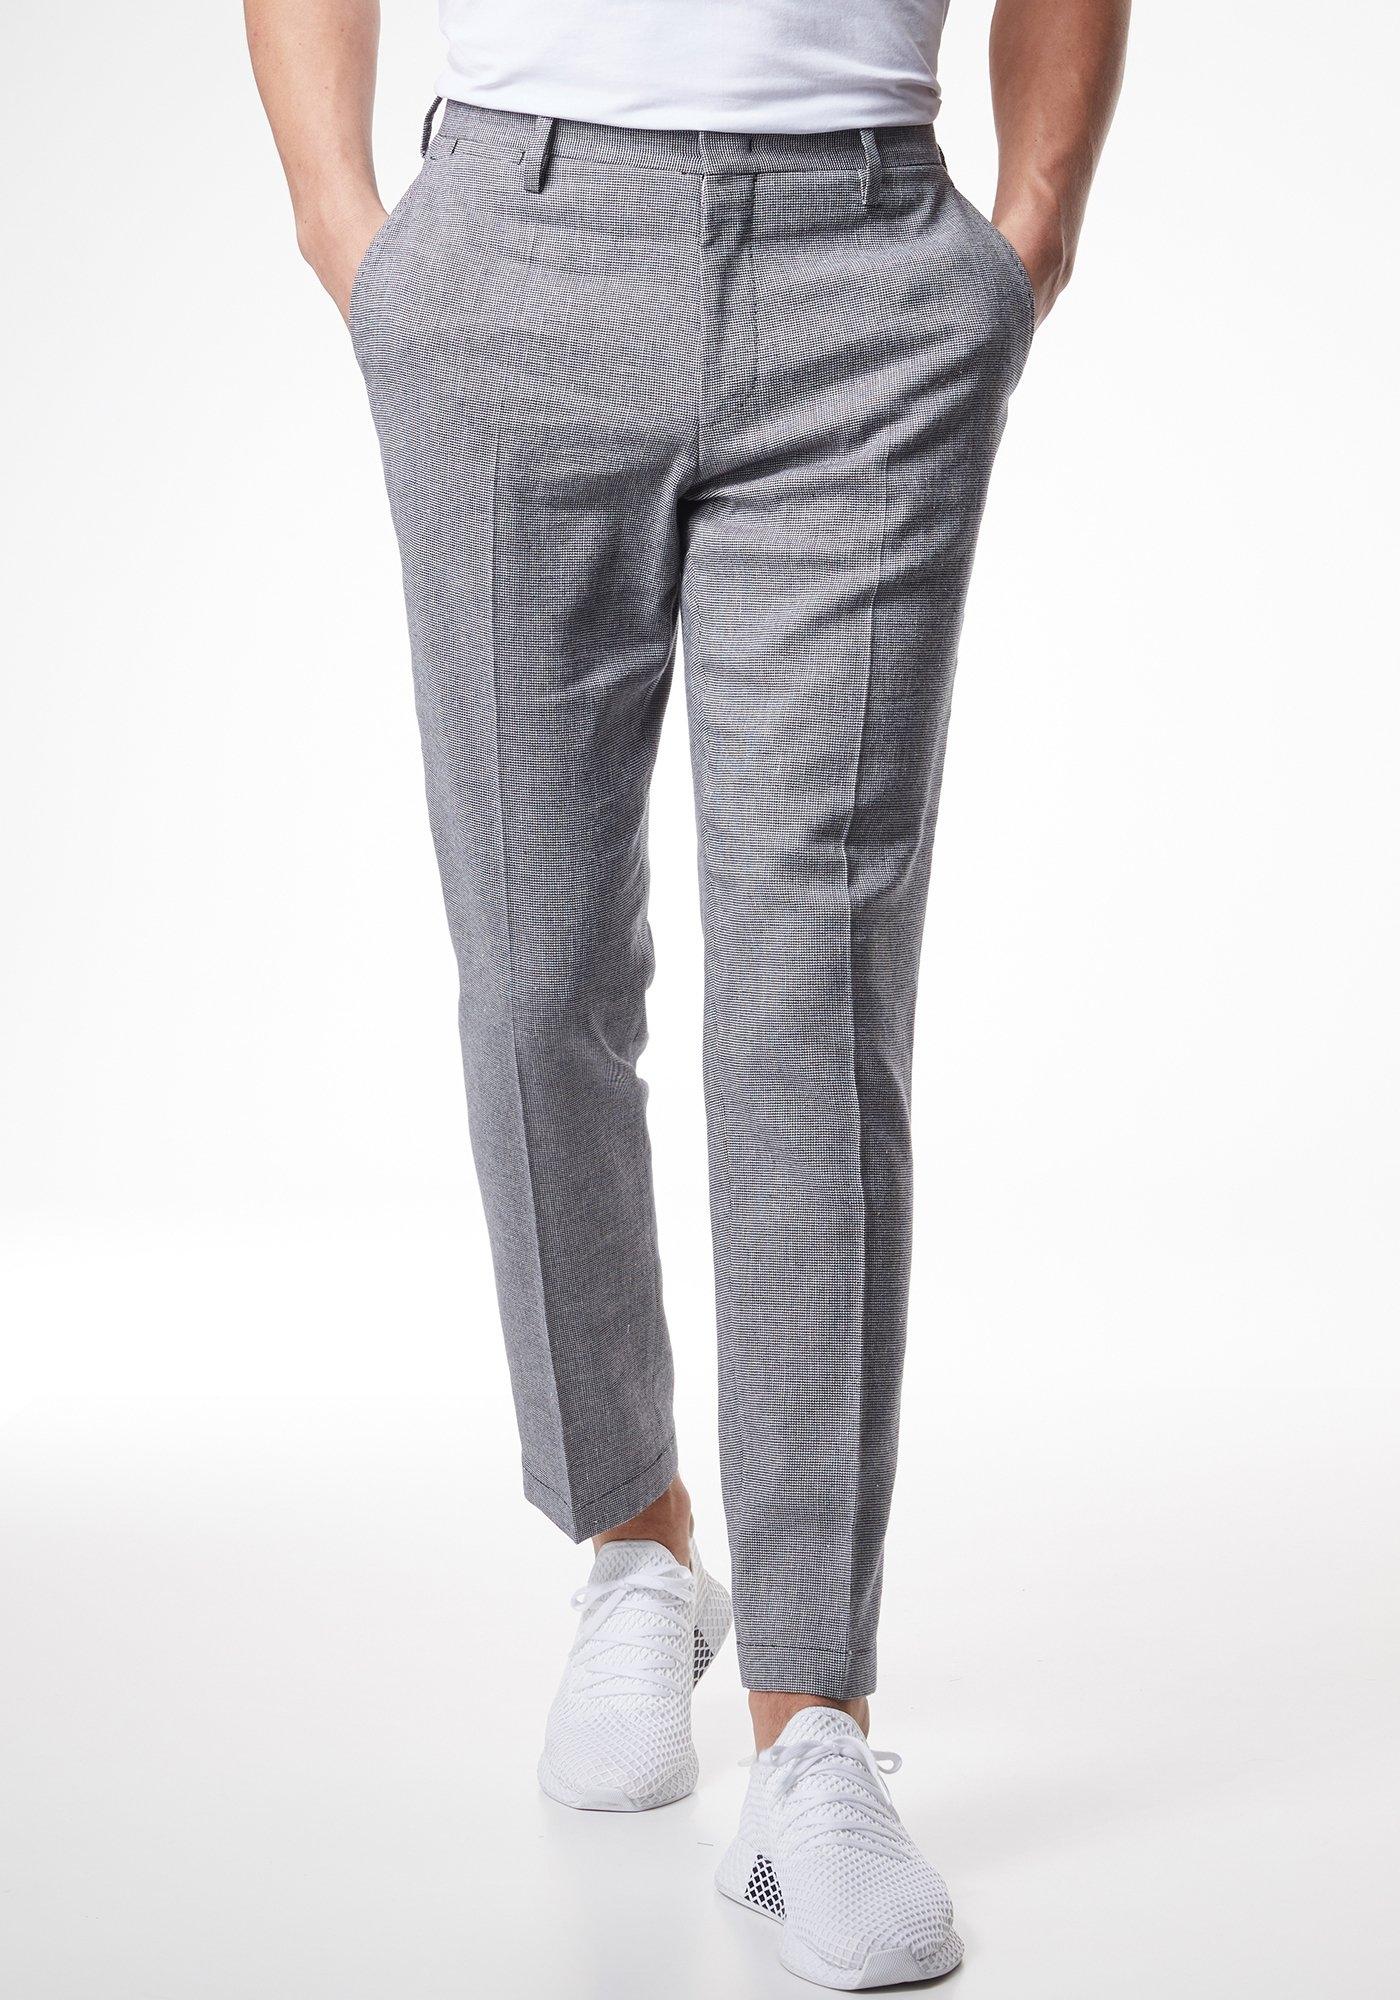 Pierre Cardin Futureflex broek van katoen/linnen - regular fit »Tony« voordelig en veilig online kopen